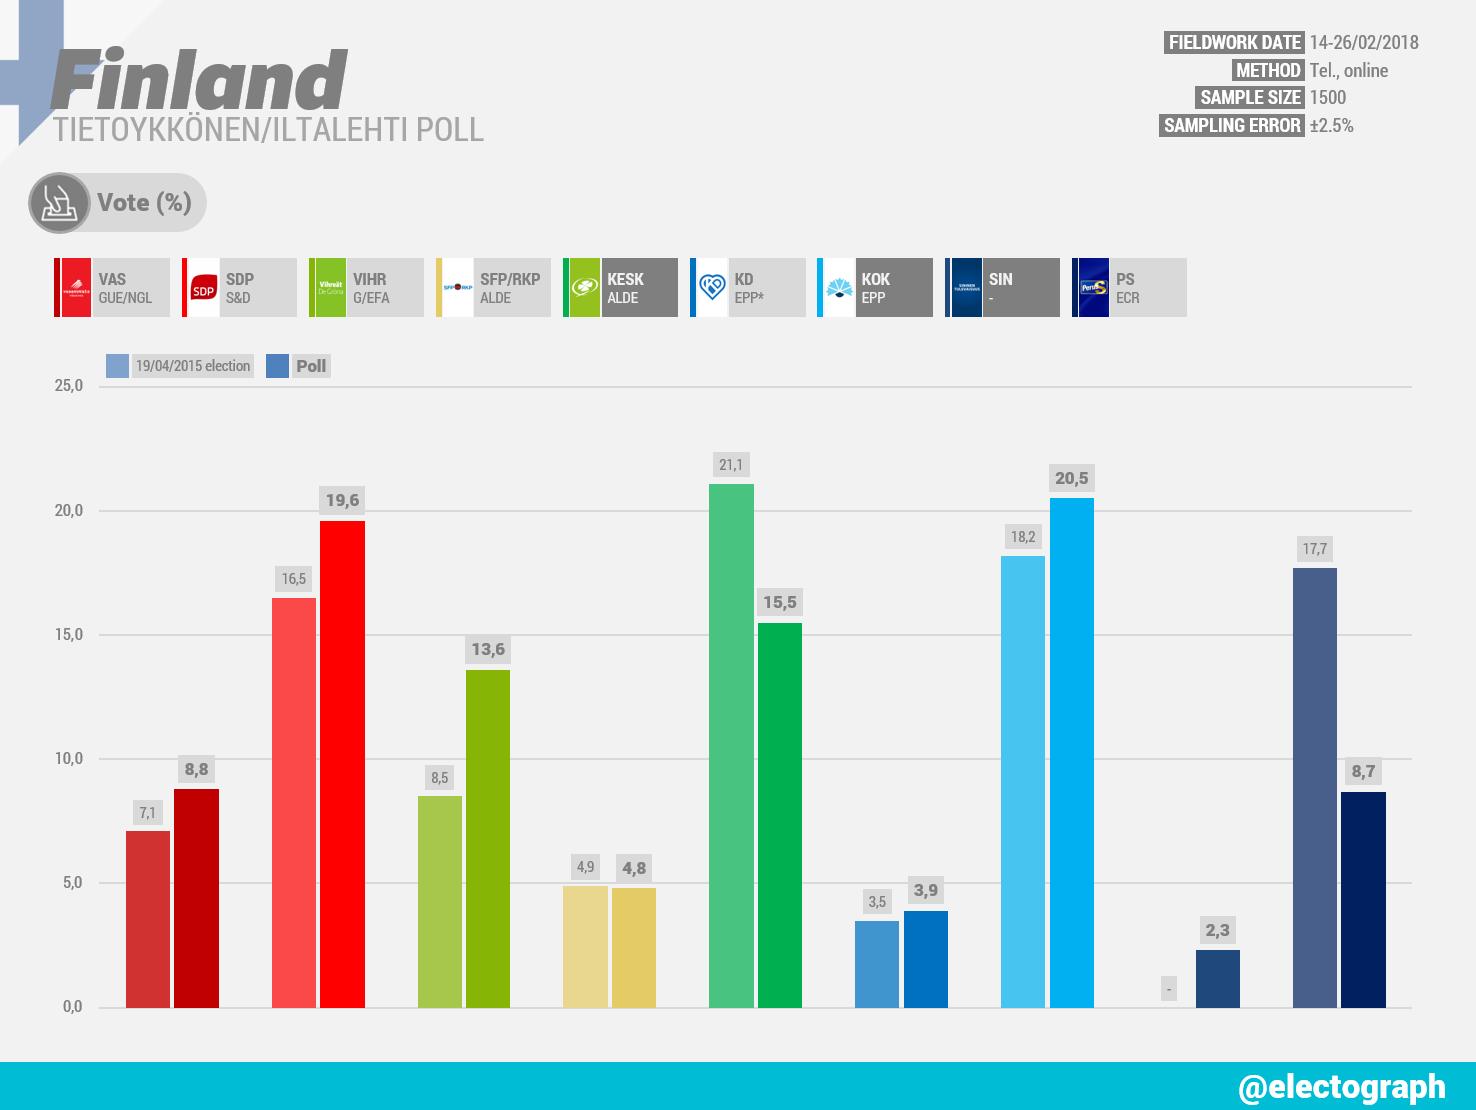 FINLAND Tietoykkönen poll for Iltalehti, February 2018